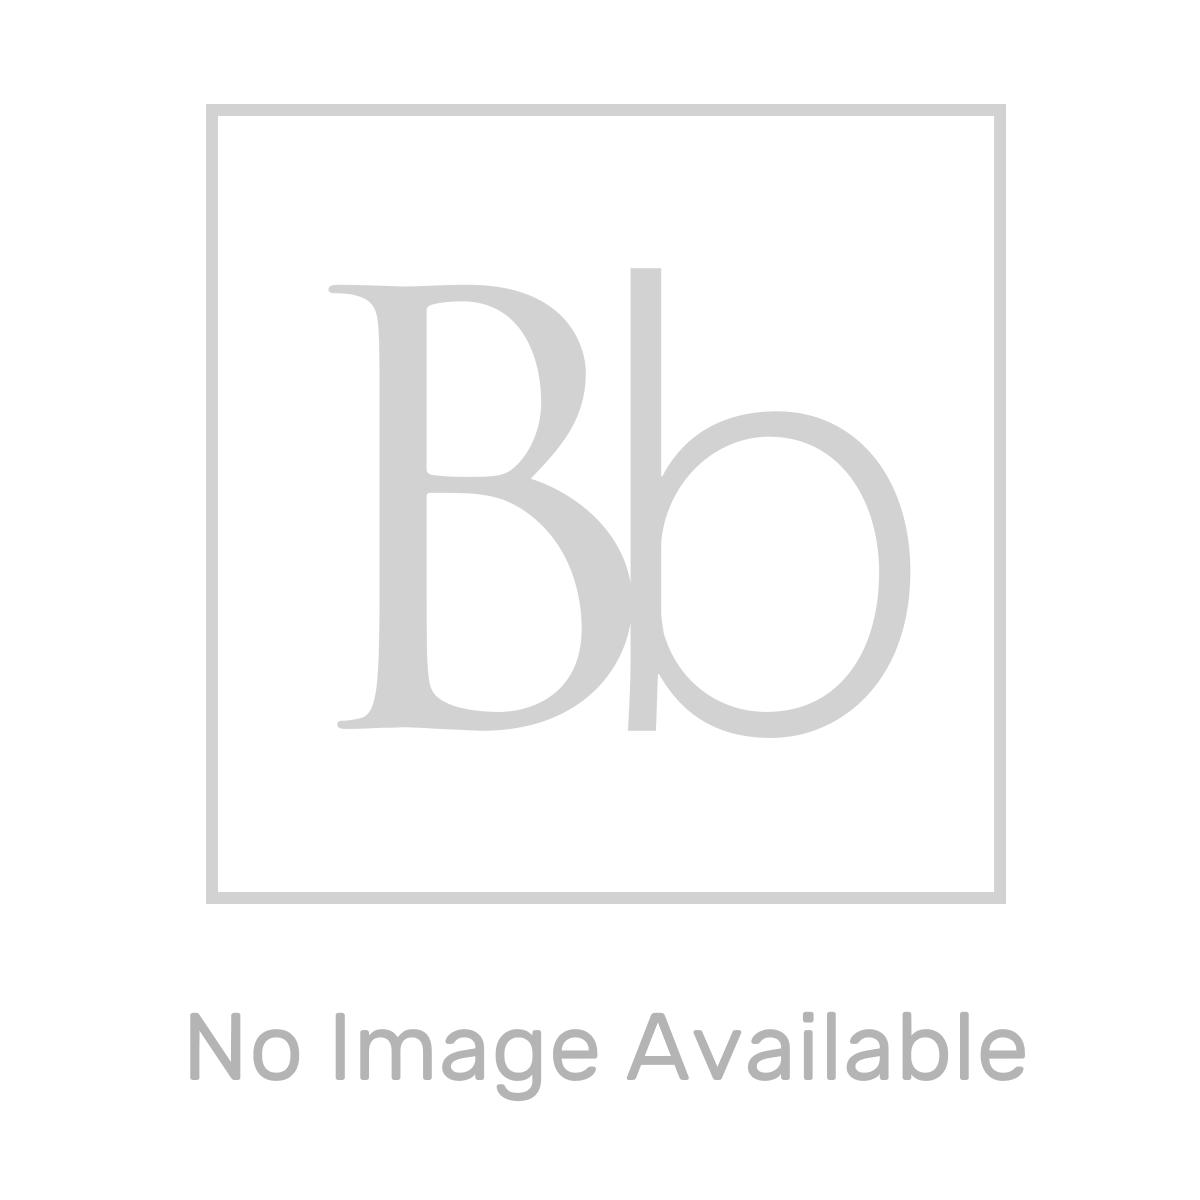 Aquadart Venturi 6 Single Door Quadrant Shower Enclosure